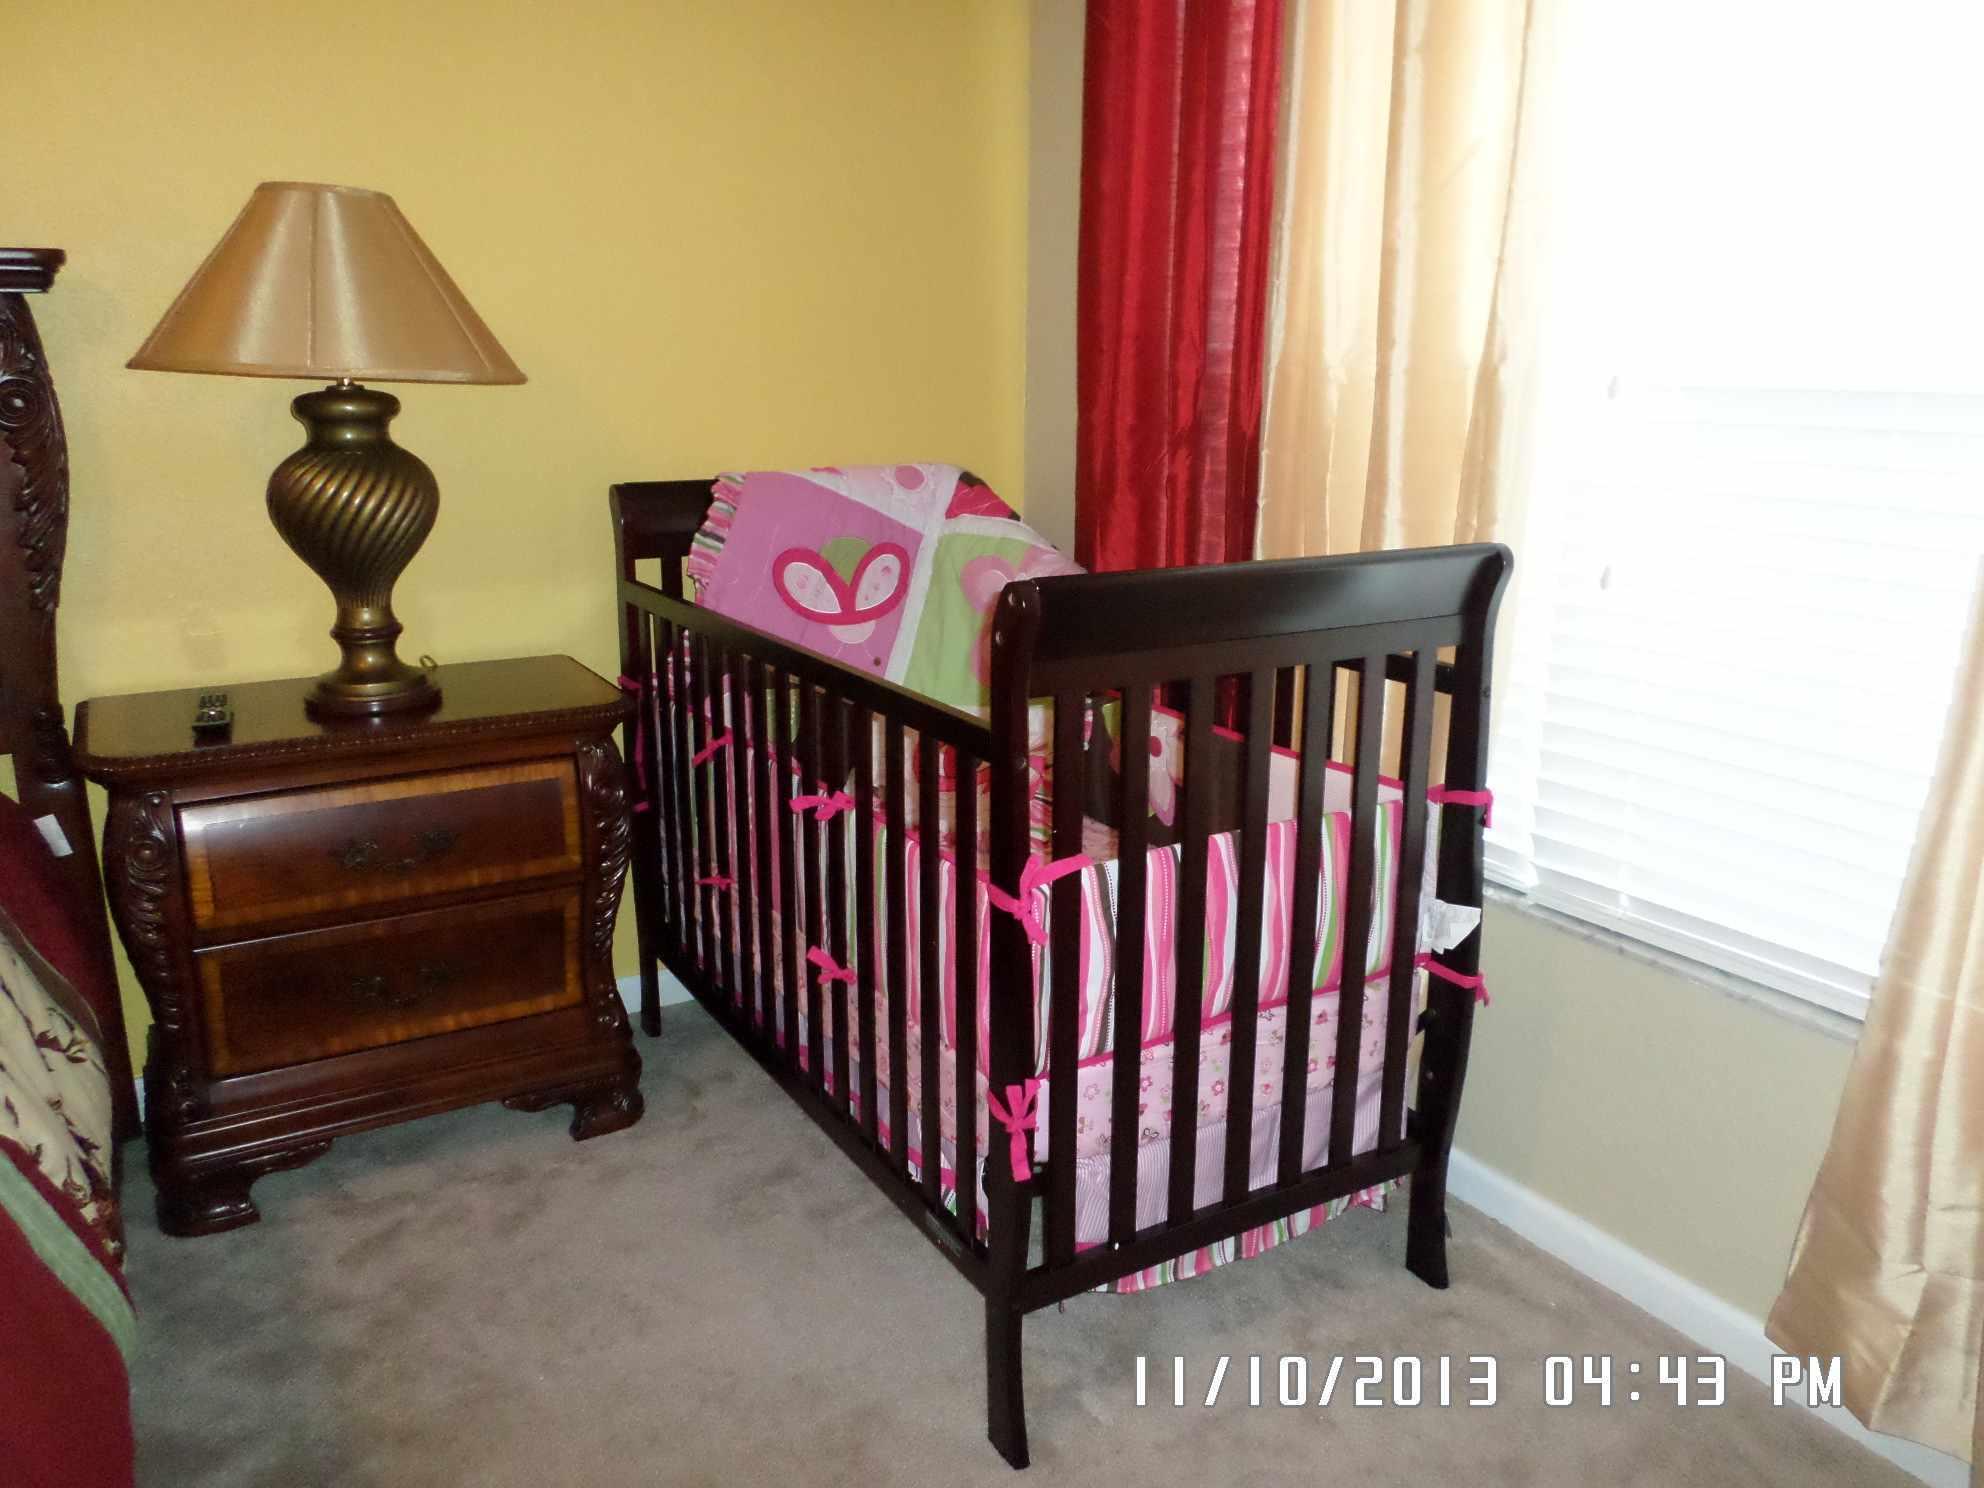 full size crib in bedroom 1